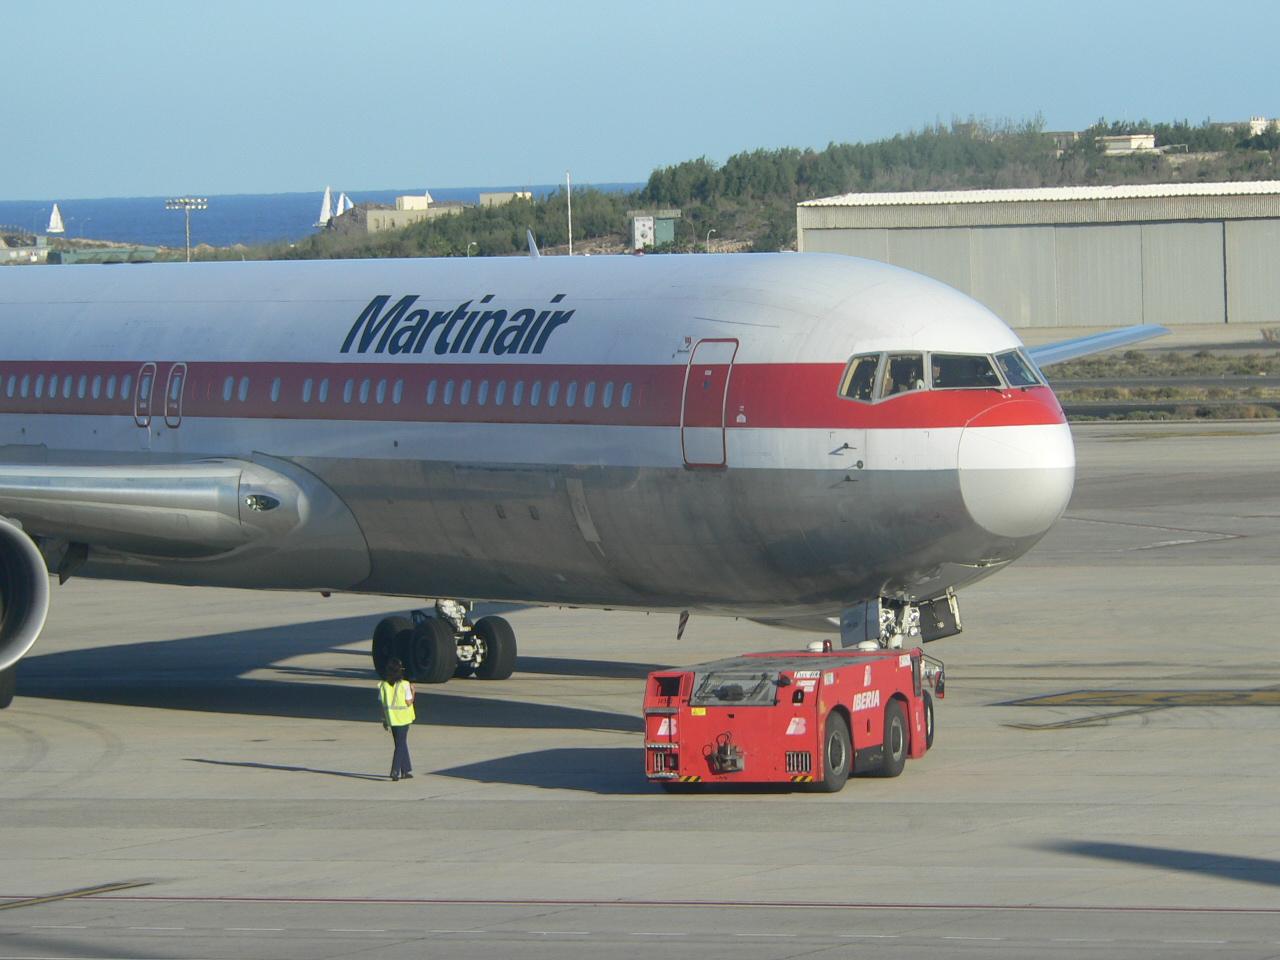 die 767 von Martinair beim Einparken